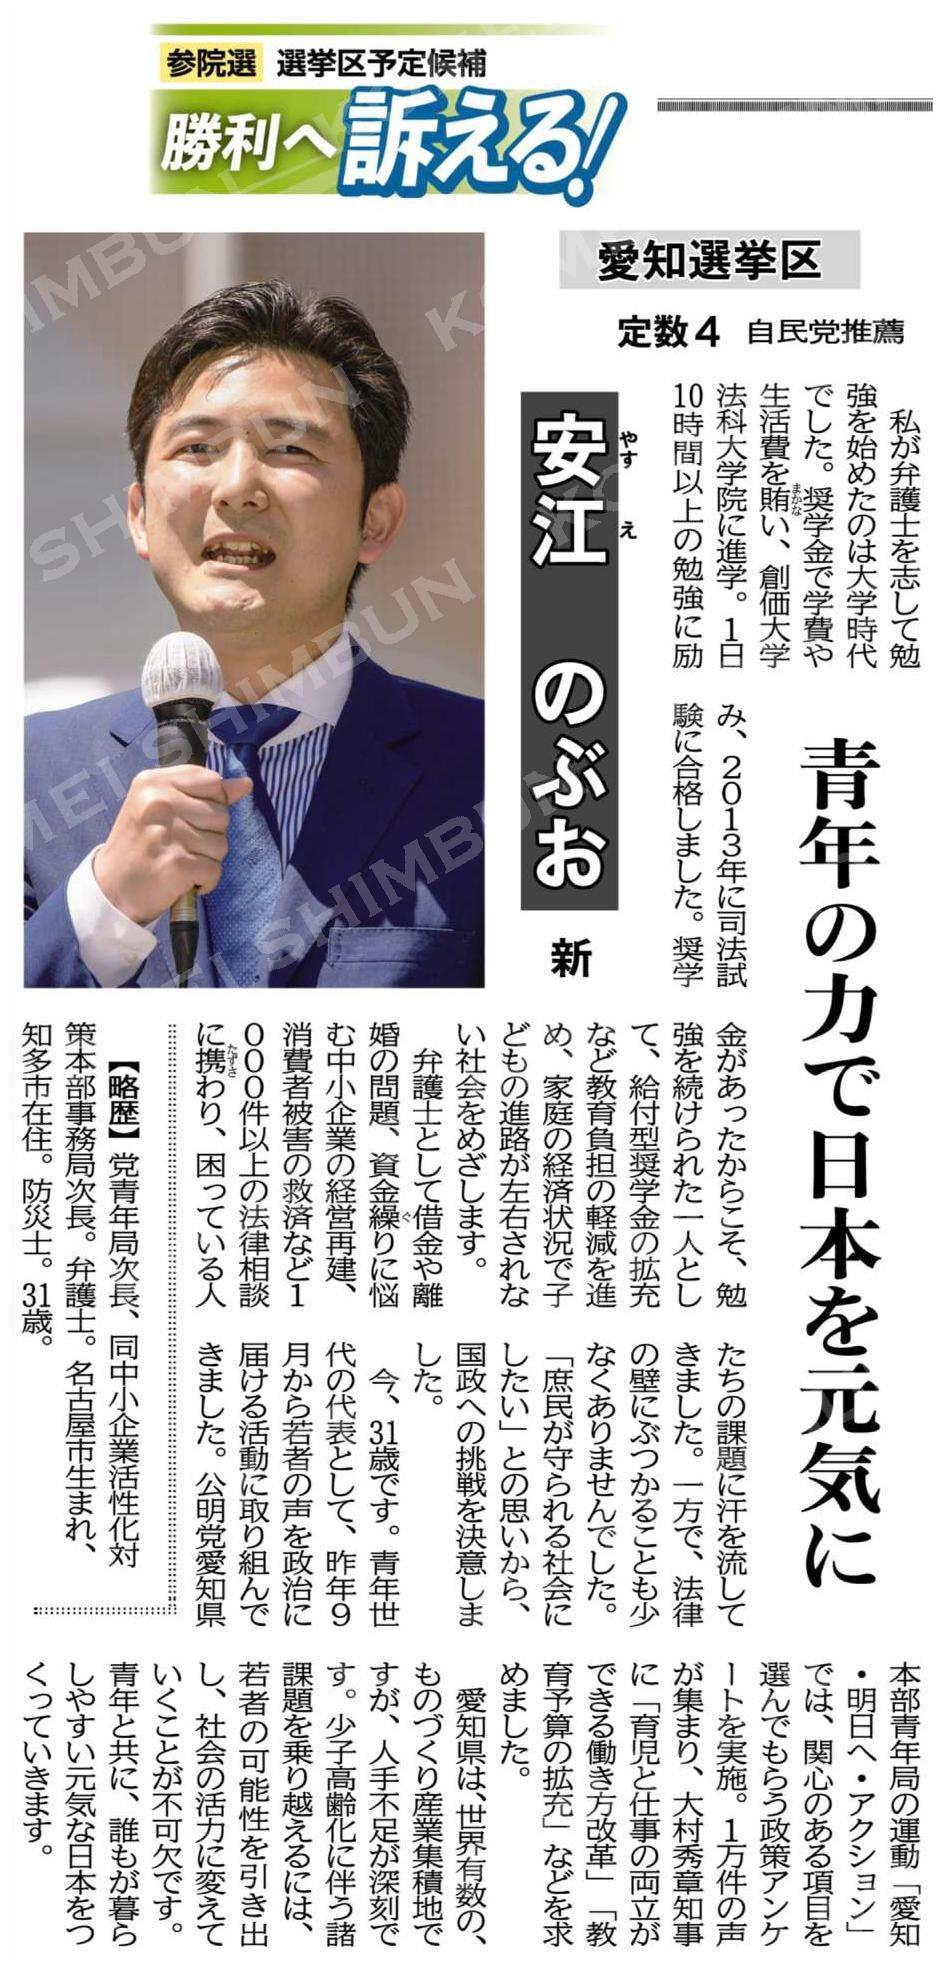 愛知選挙区 定数4 自民党推薦  安江のぶお 新  青年の力で日本を元気に